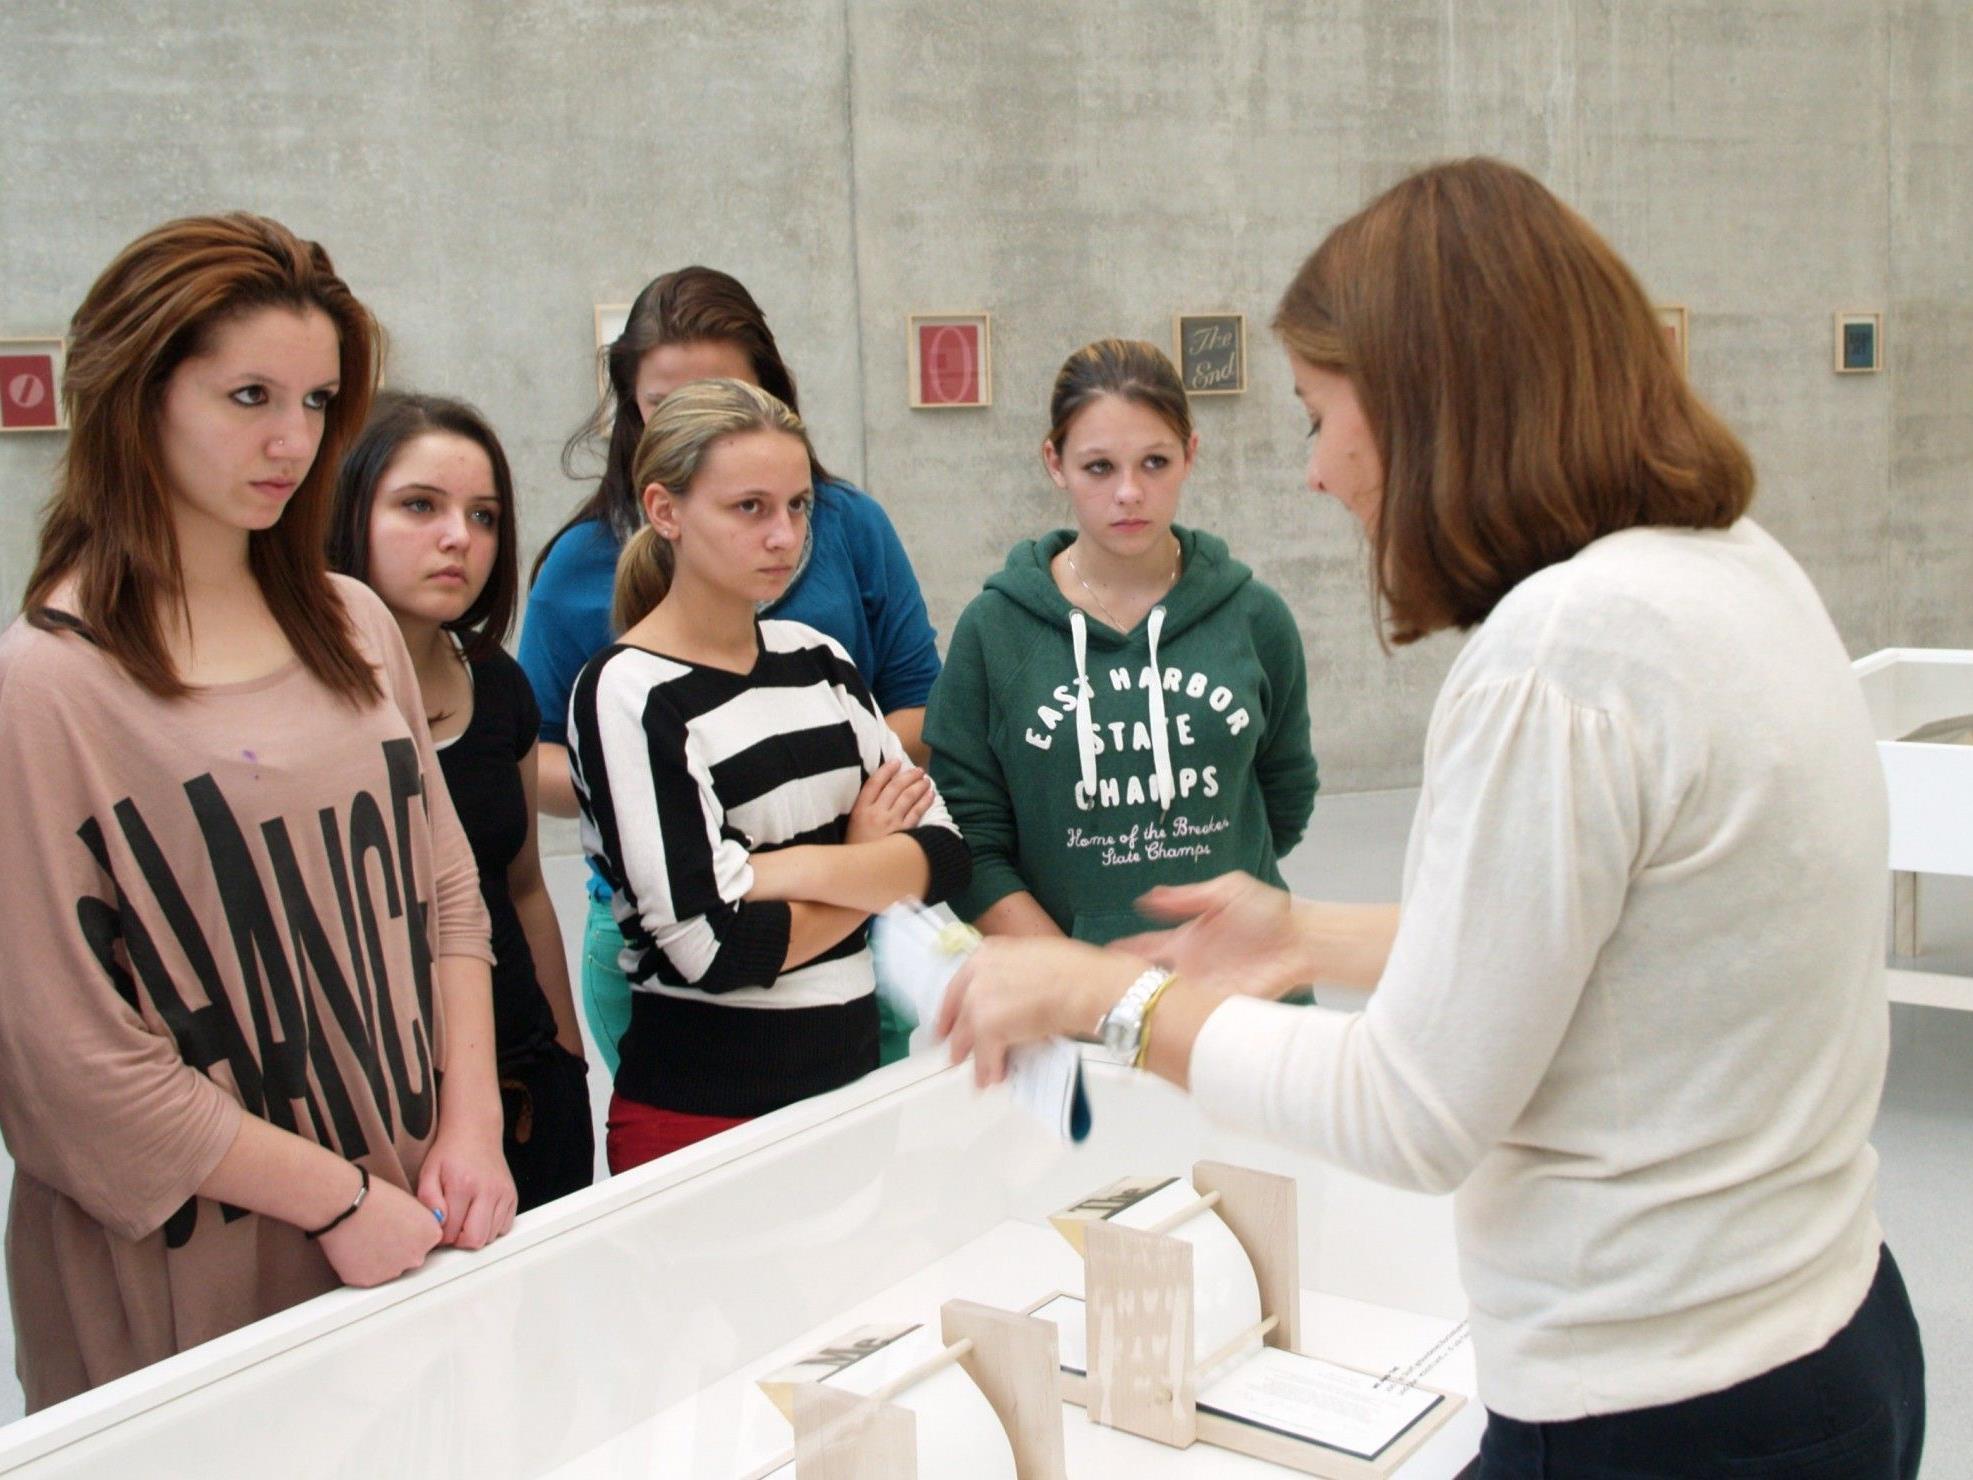 Christa Bohle führte eine Gruppe mit Schülerinnen durch die Ausstellung.